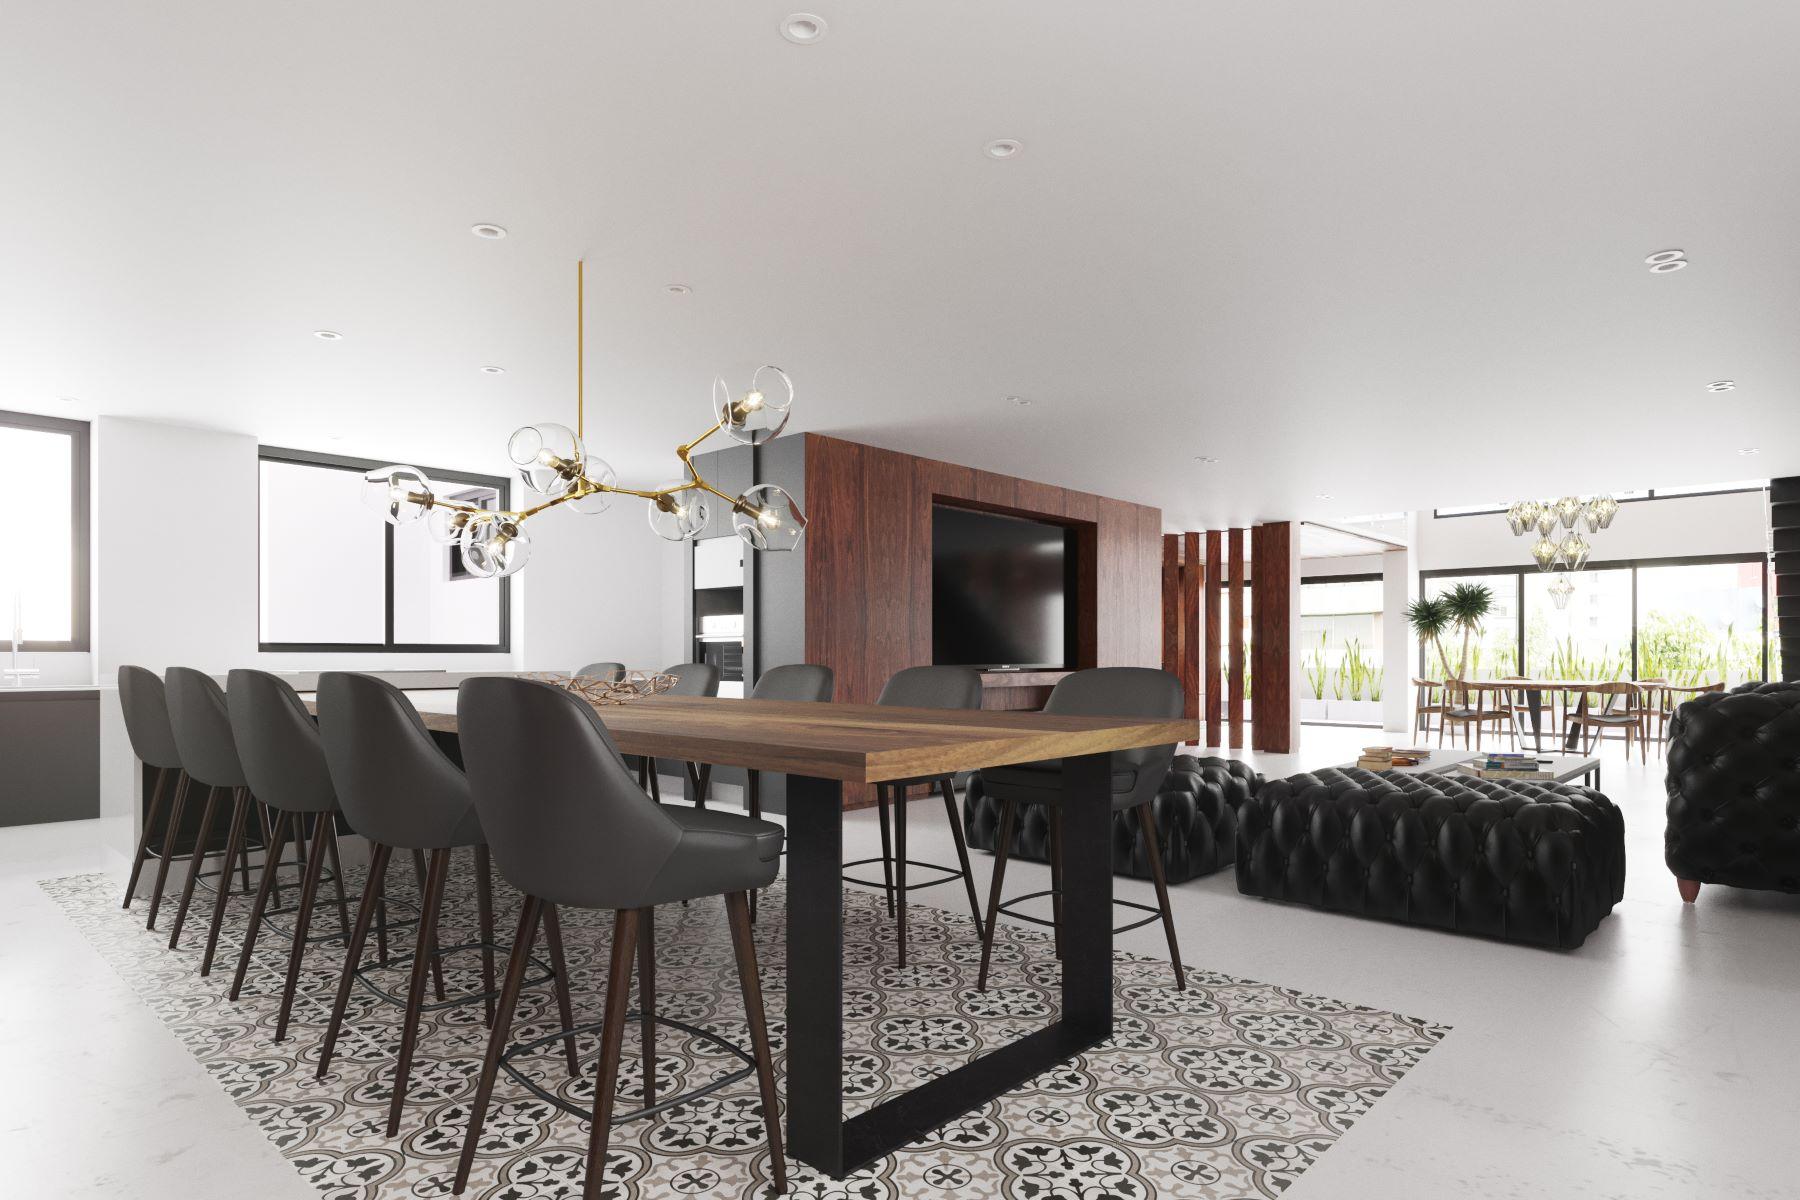 Apartment for Sale at Ibsen Apartment, Polanco Mexico City, Ciudad de Mexico Mexico